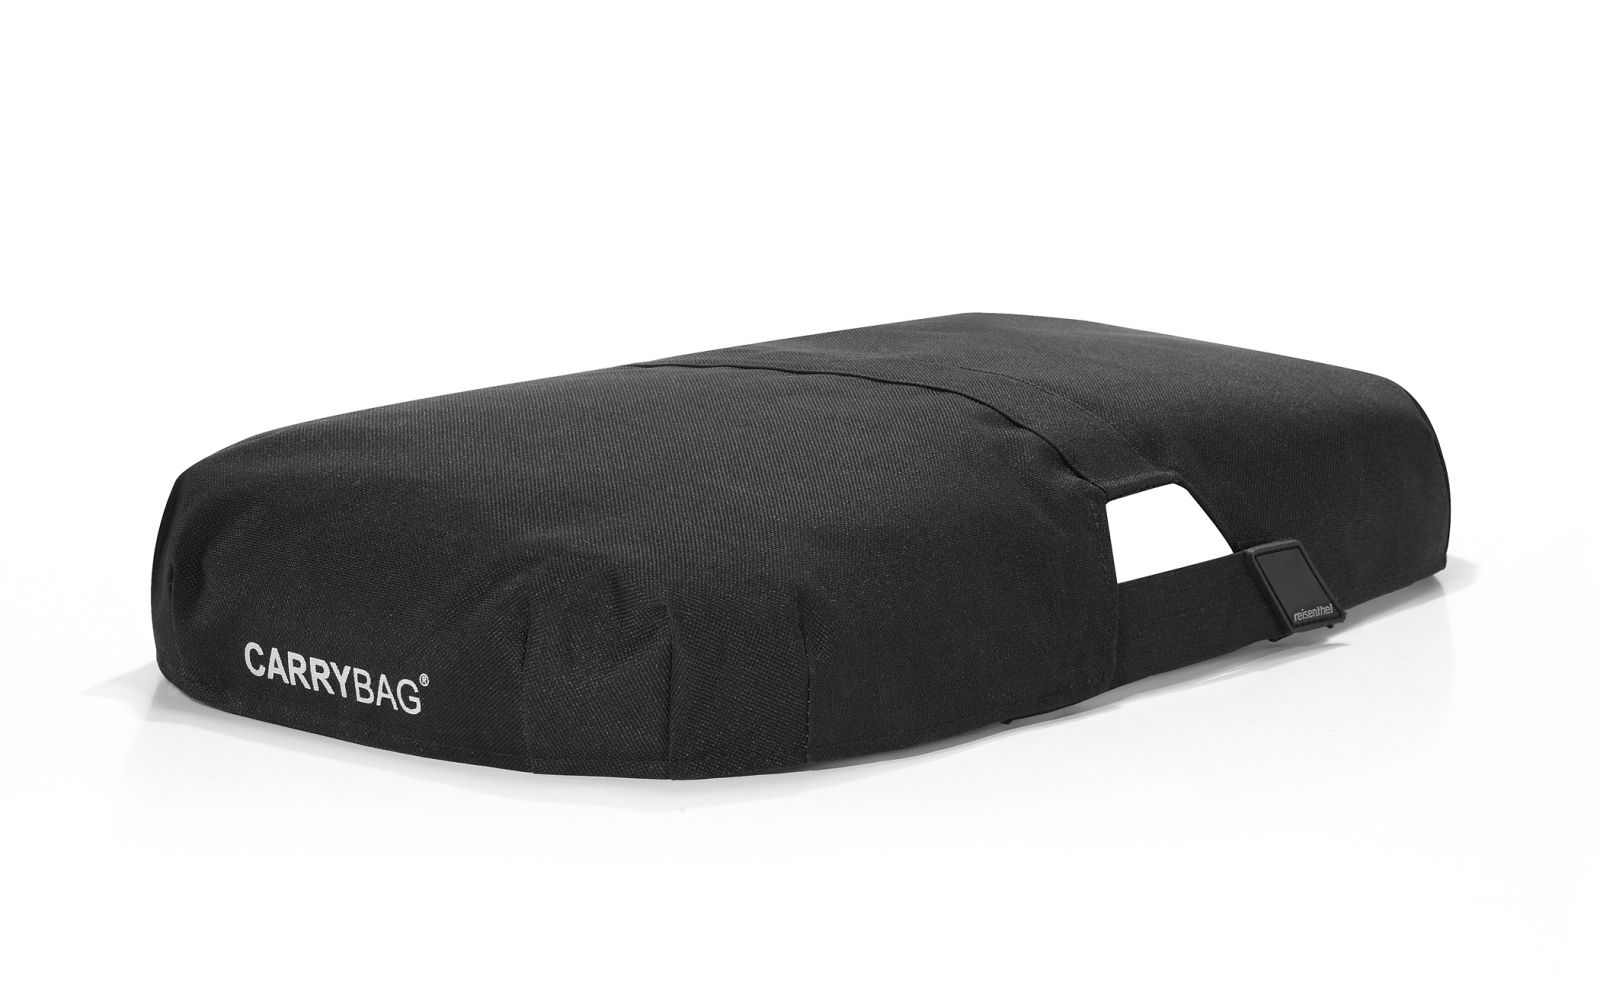 Reisenthel CarryBag Cover Black E-batoh